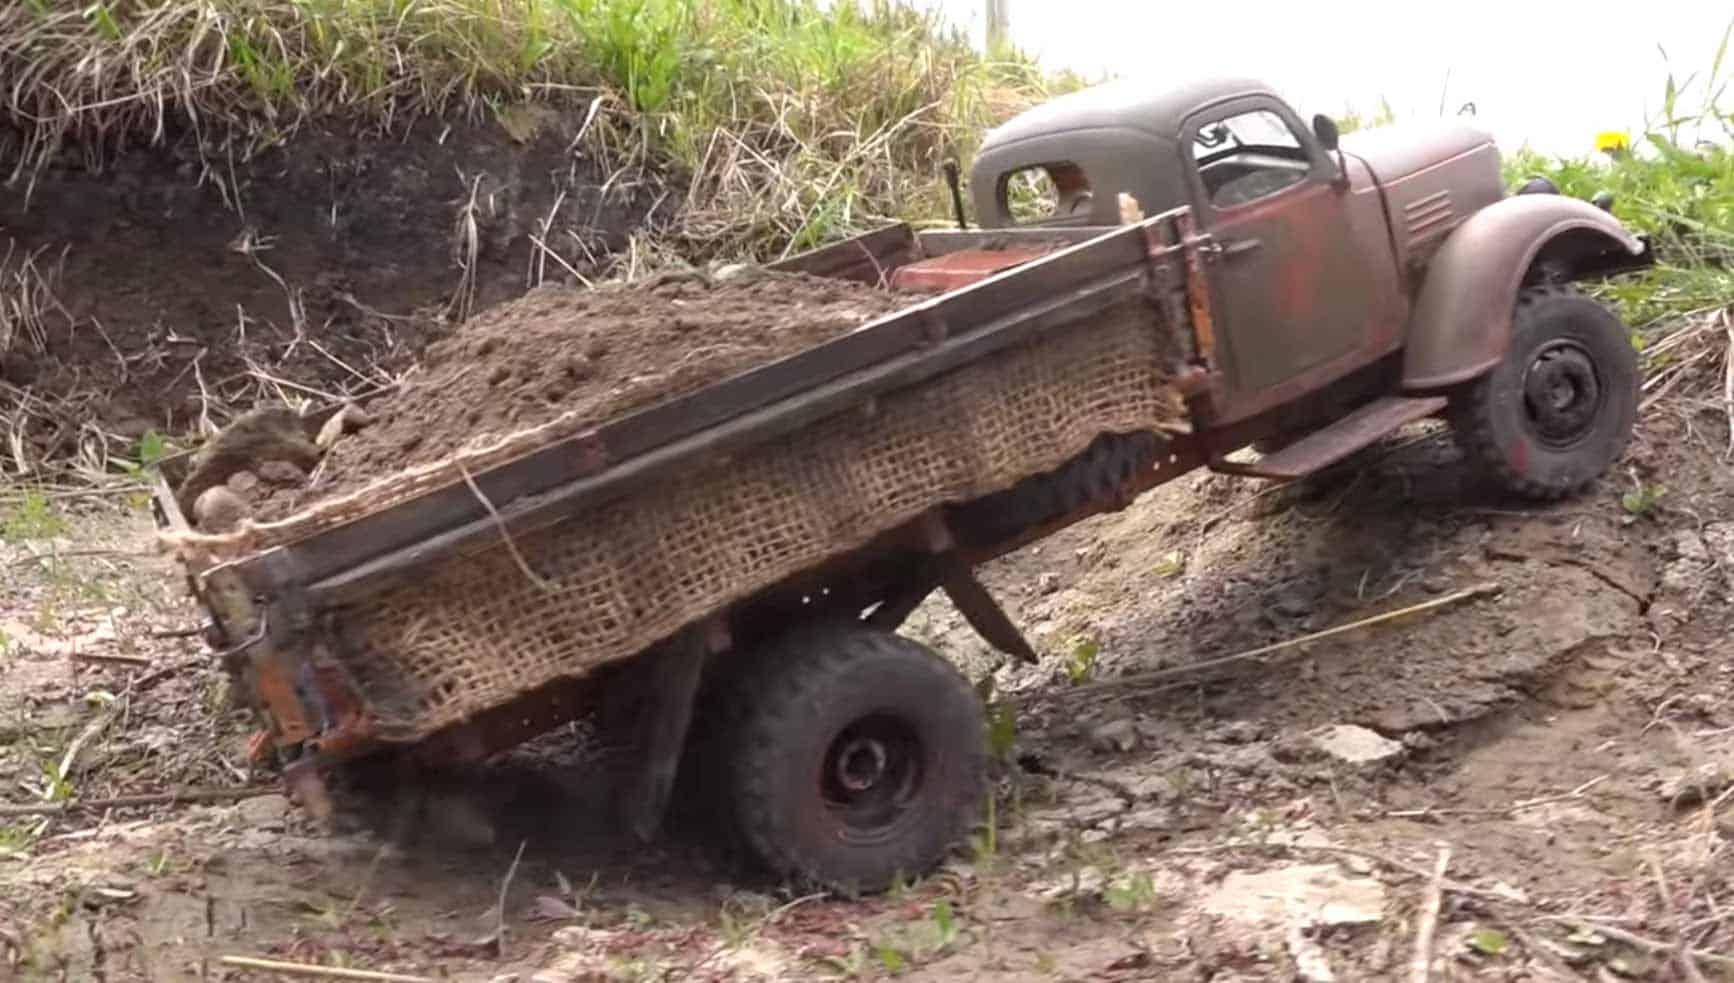 1948 KR11 International Harvester